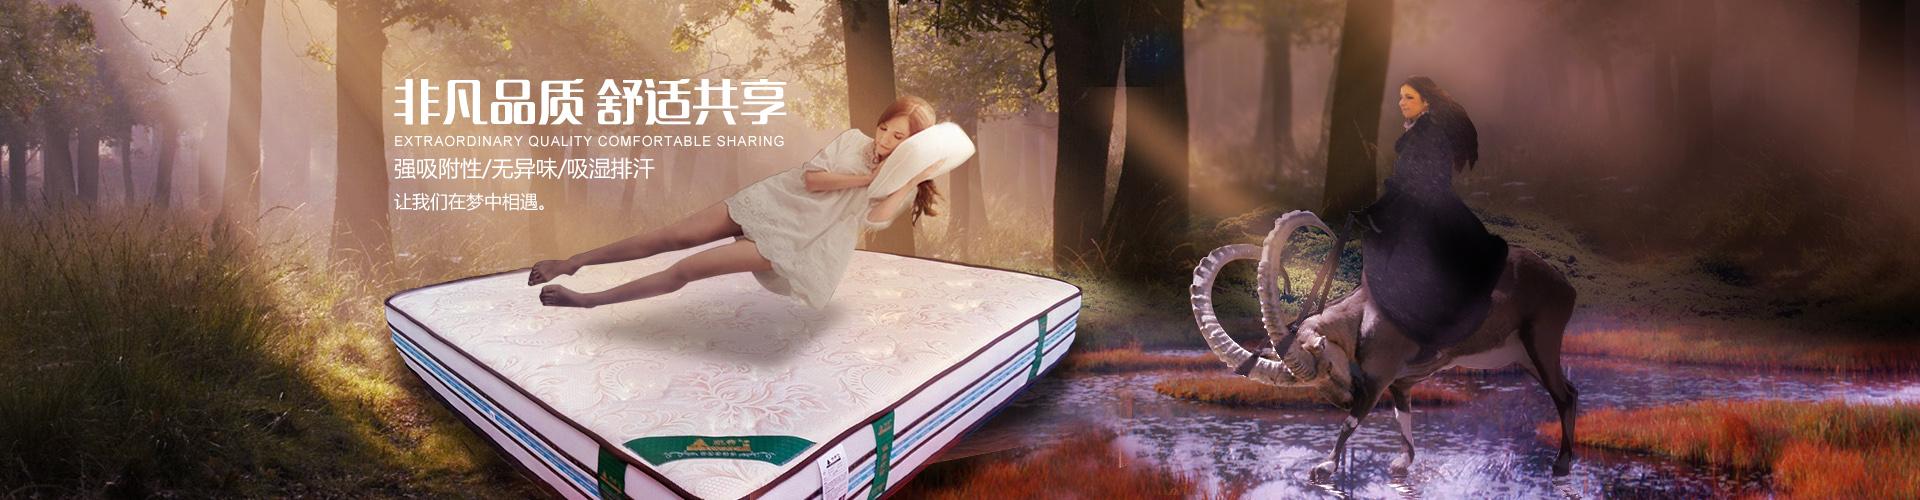 桂林酒店床垫,桂林宾馆床垫,桂林家用床垫